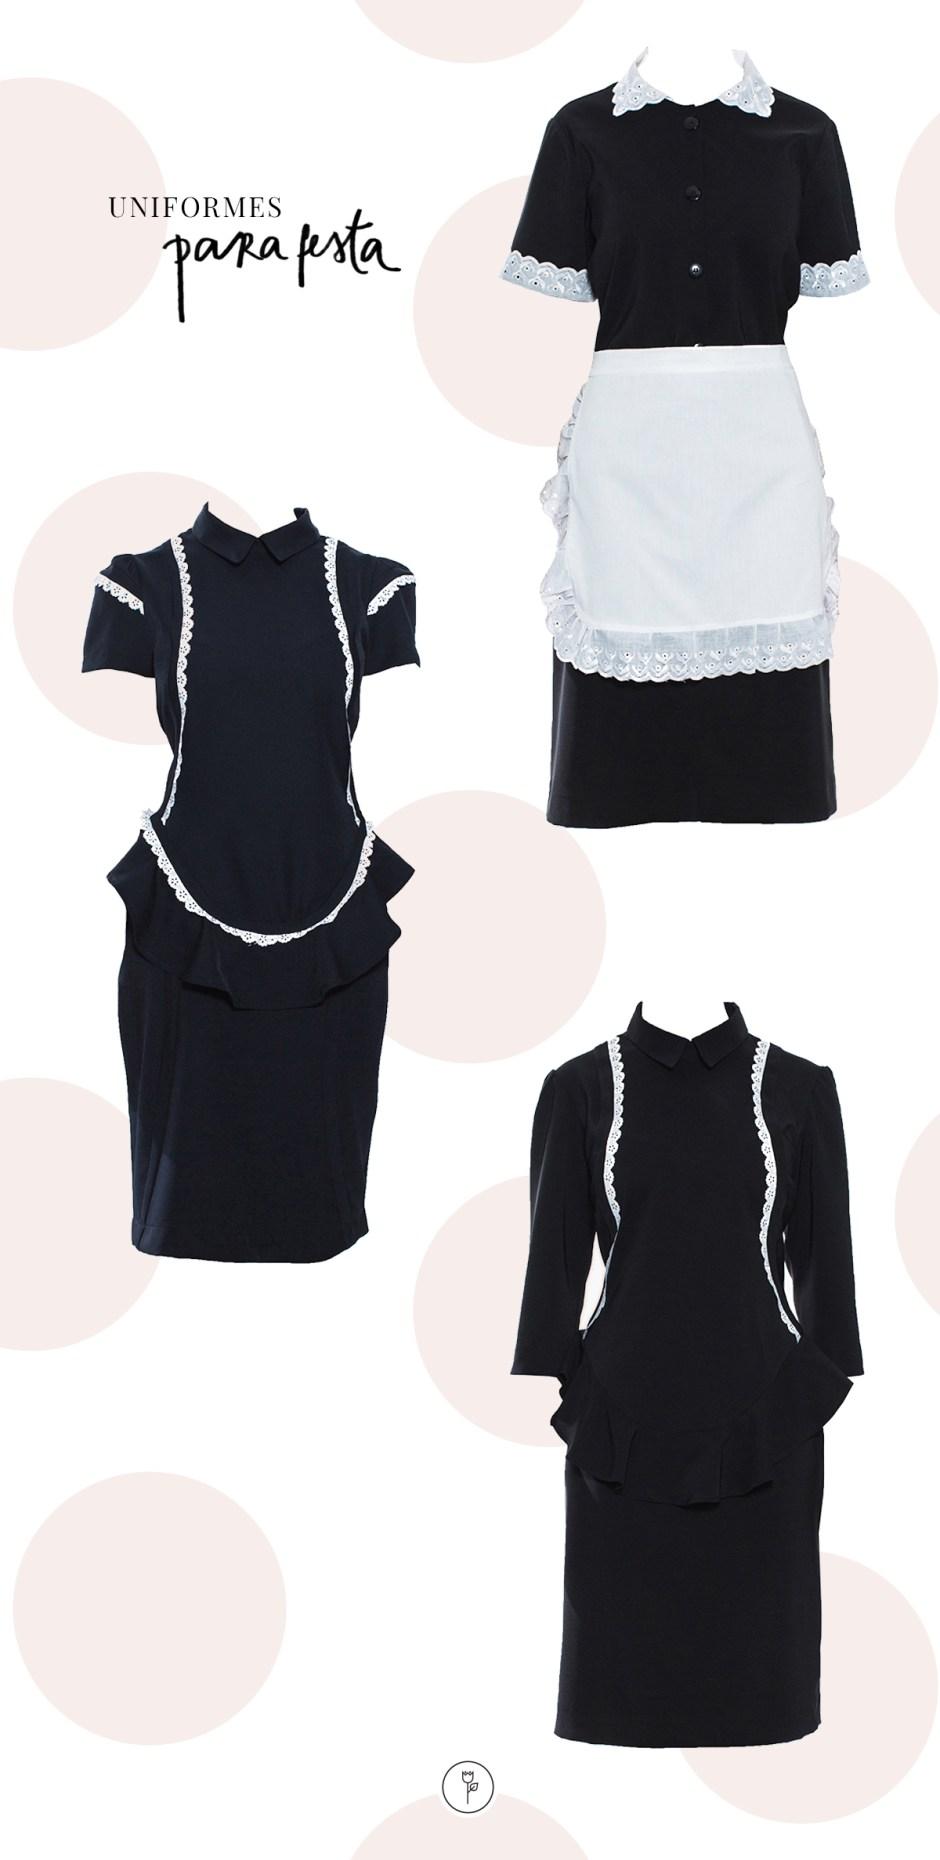 22-08 uniformes para casa - uniforme festa